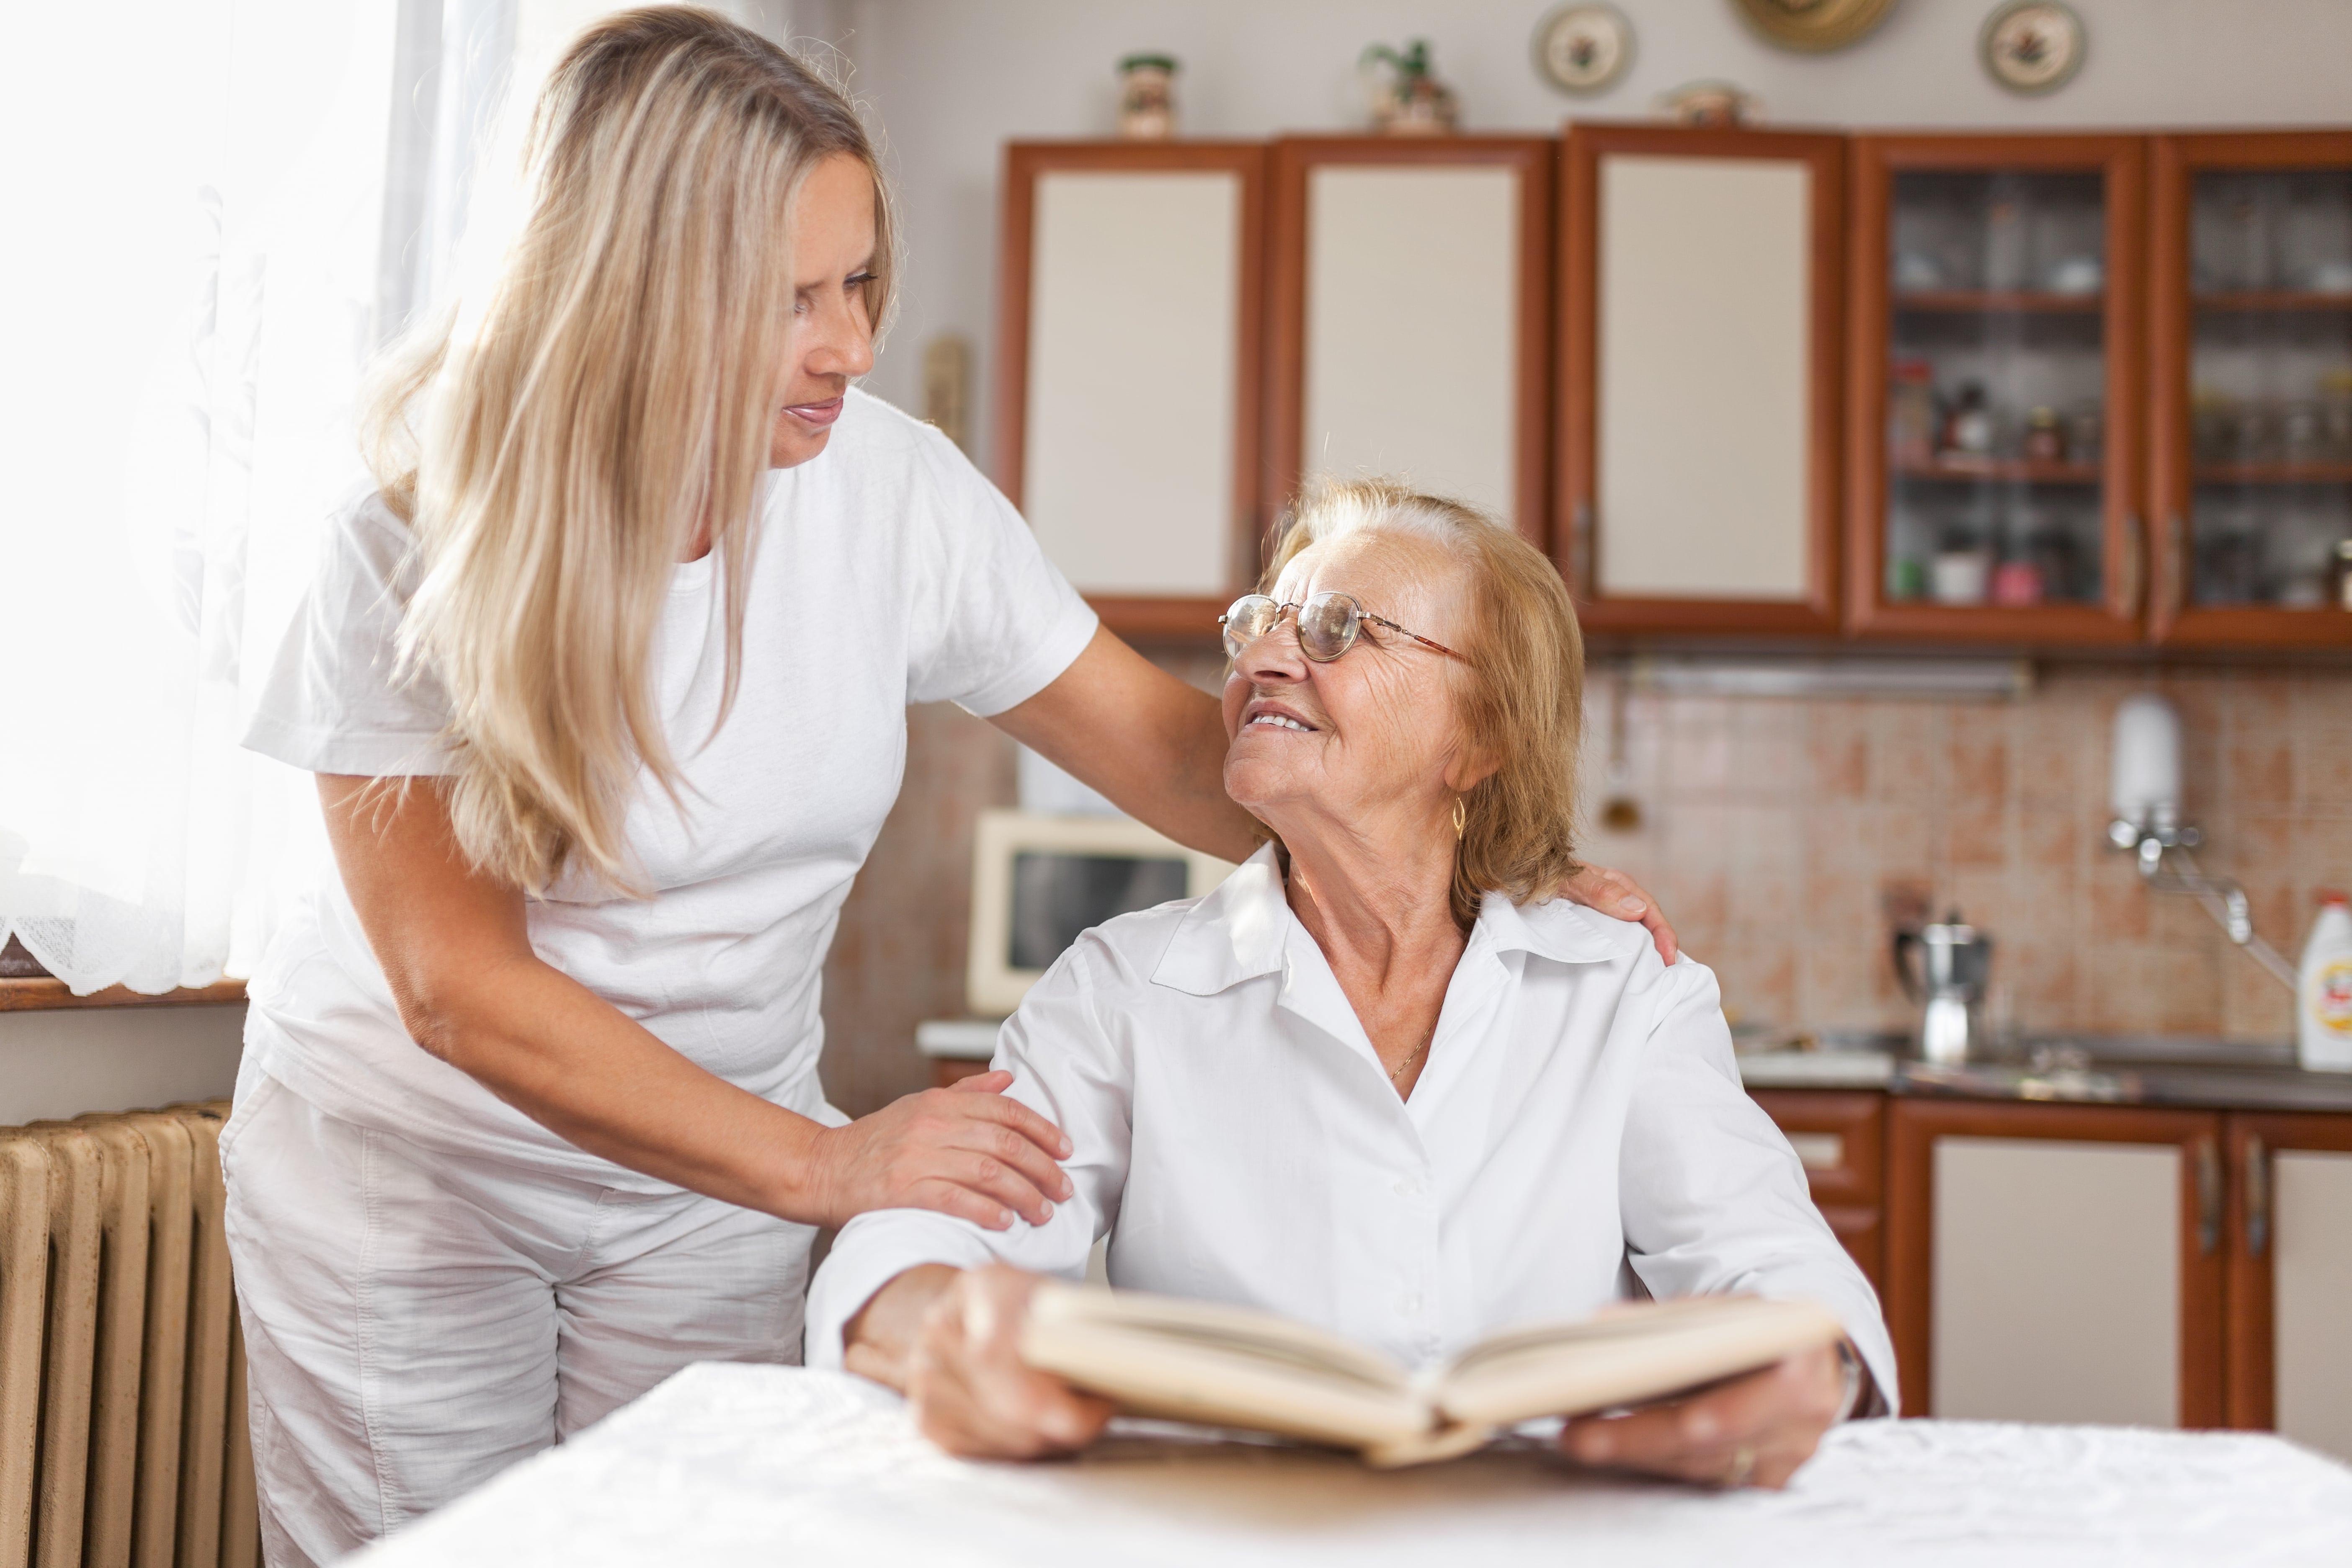 dementia-care-image